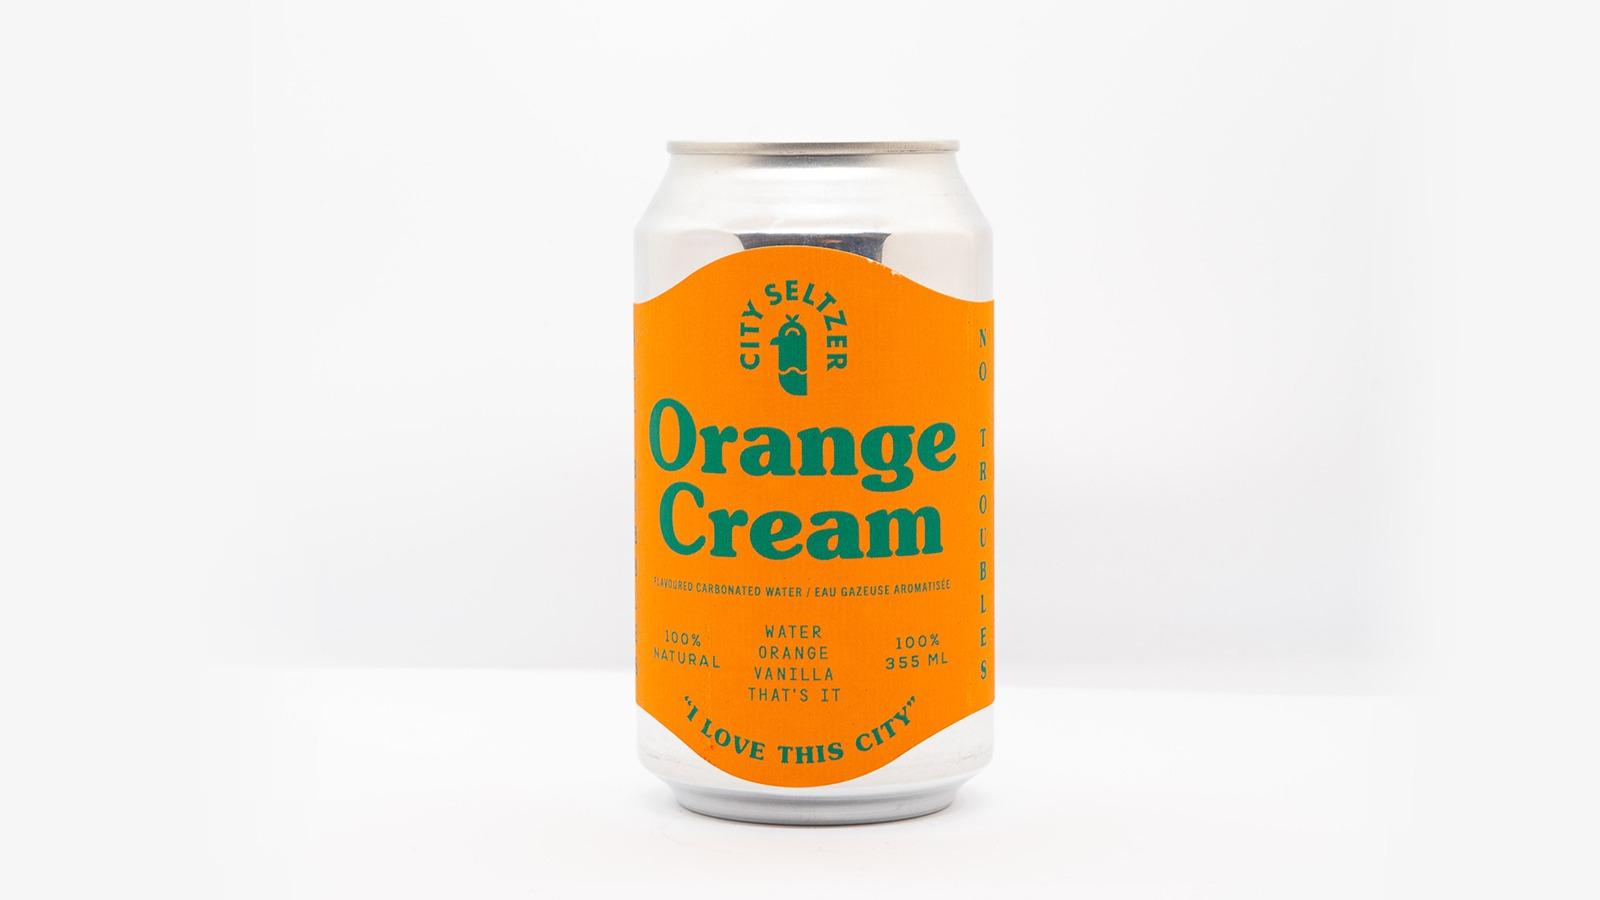 City Seltzer Orange Cream